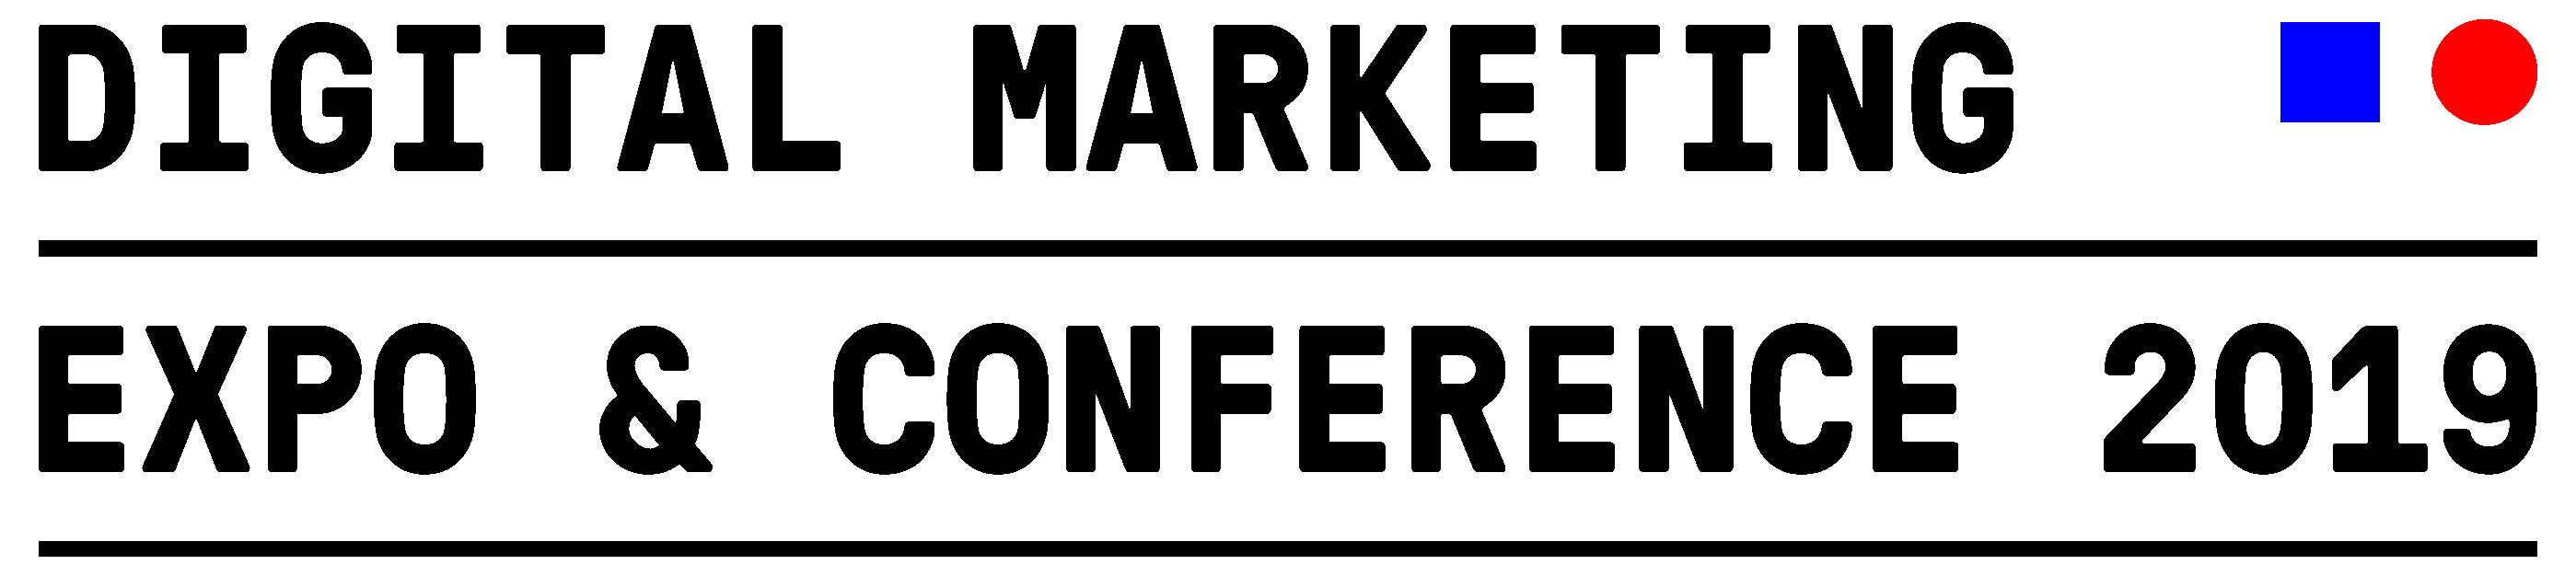 Themen der DMEXCO 2019